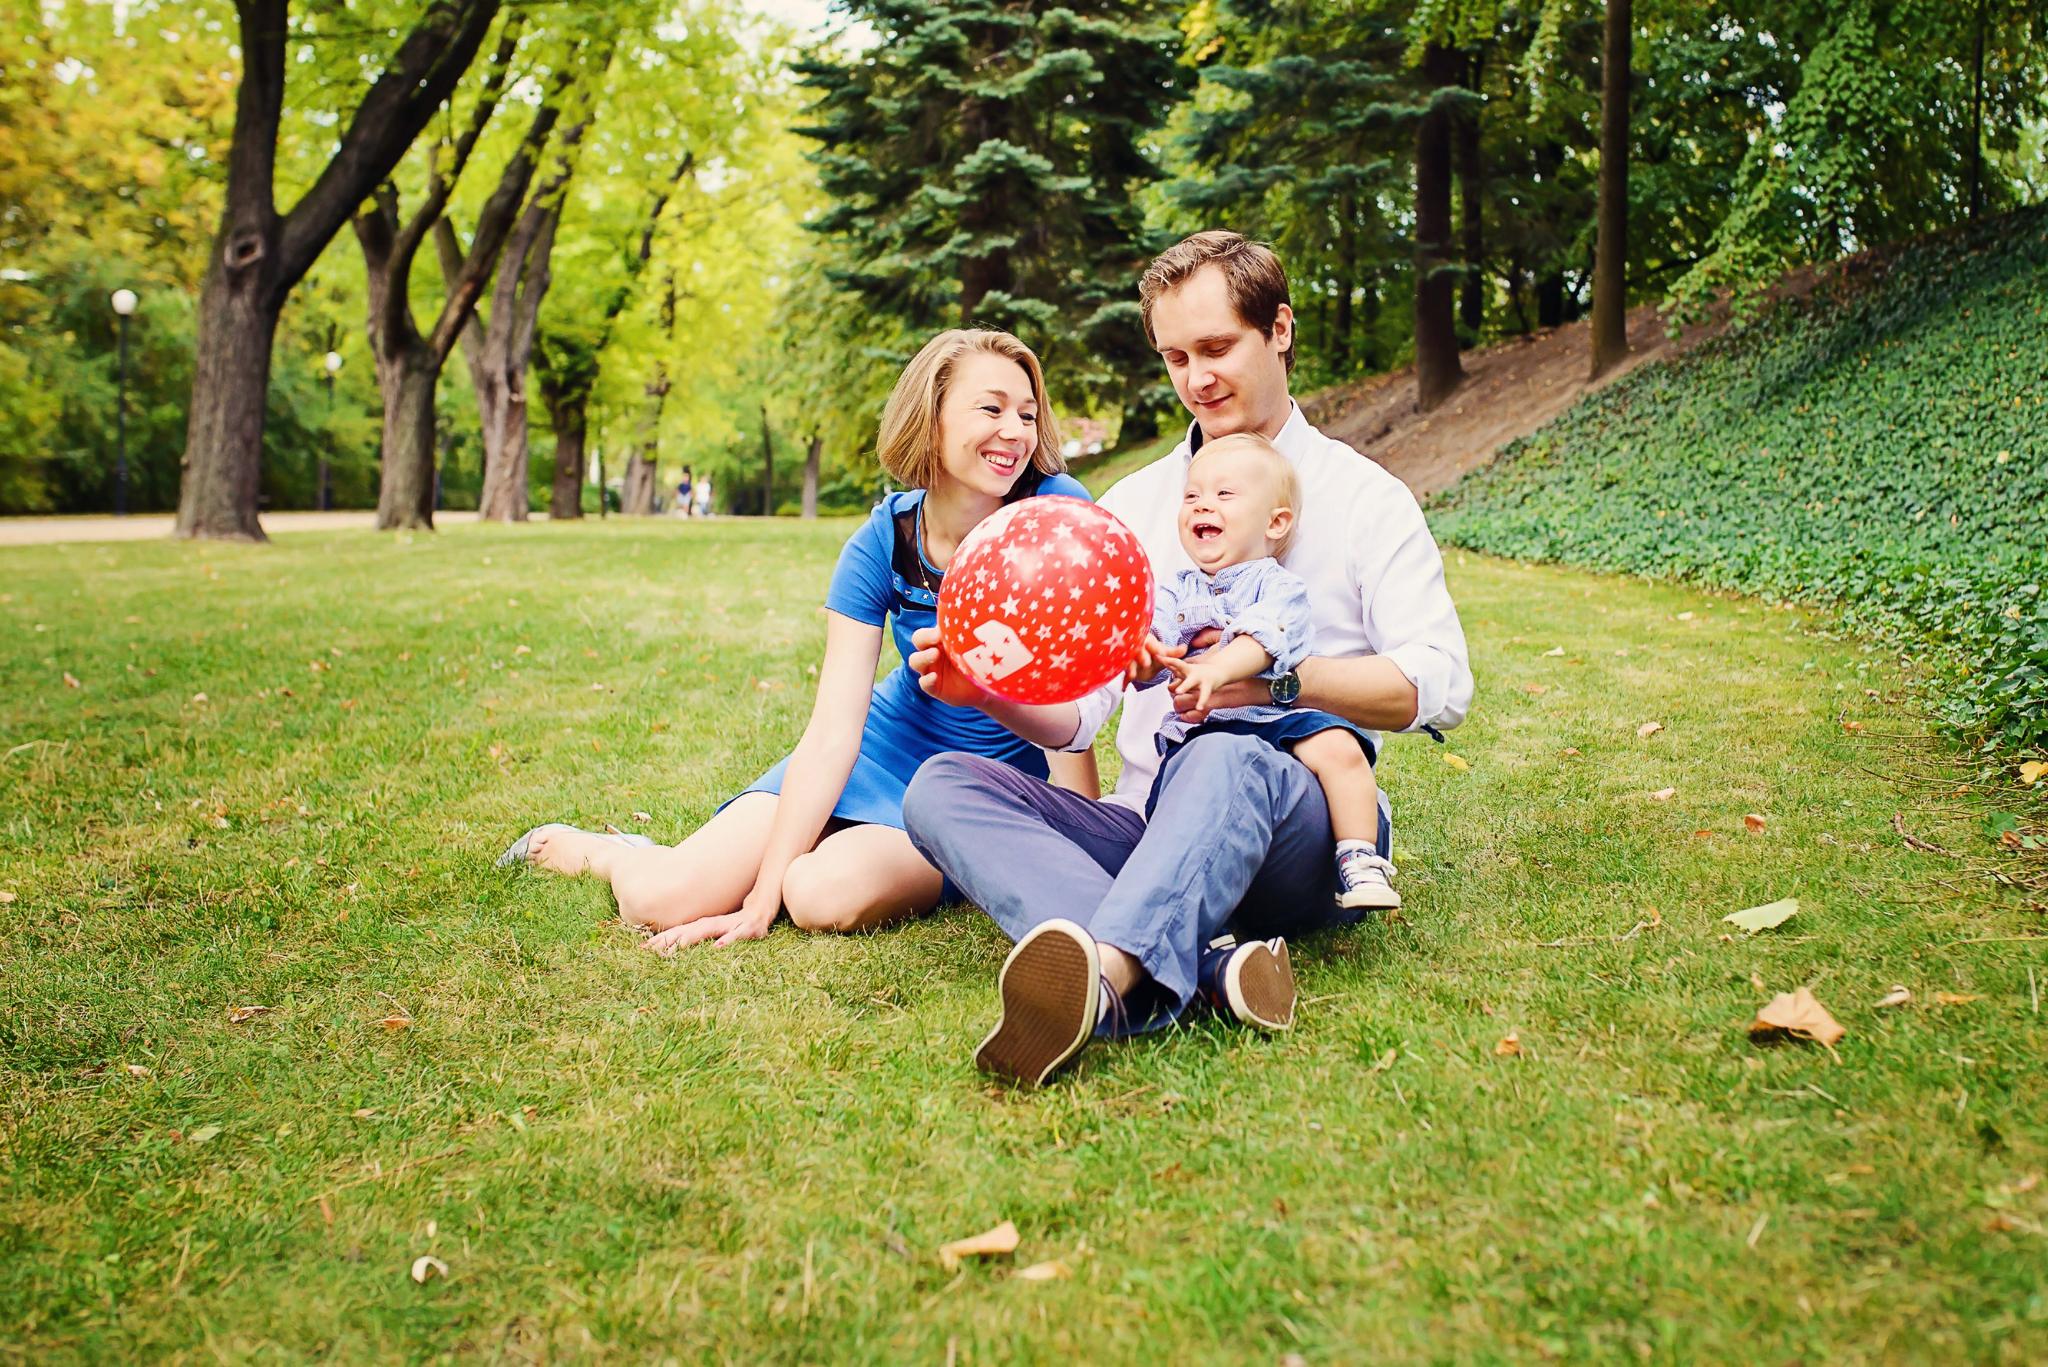 sesja rodzinna w parku Sesja z okazji pierwszych urodzin Aleksa